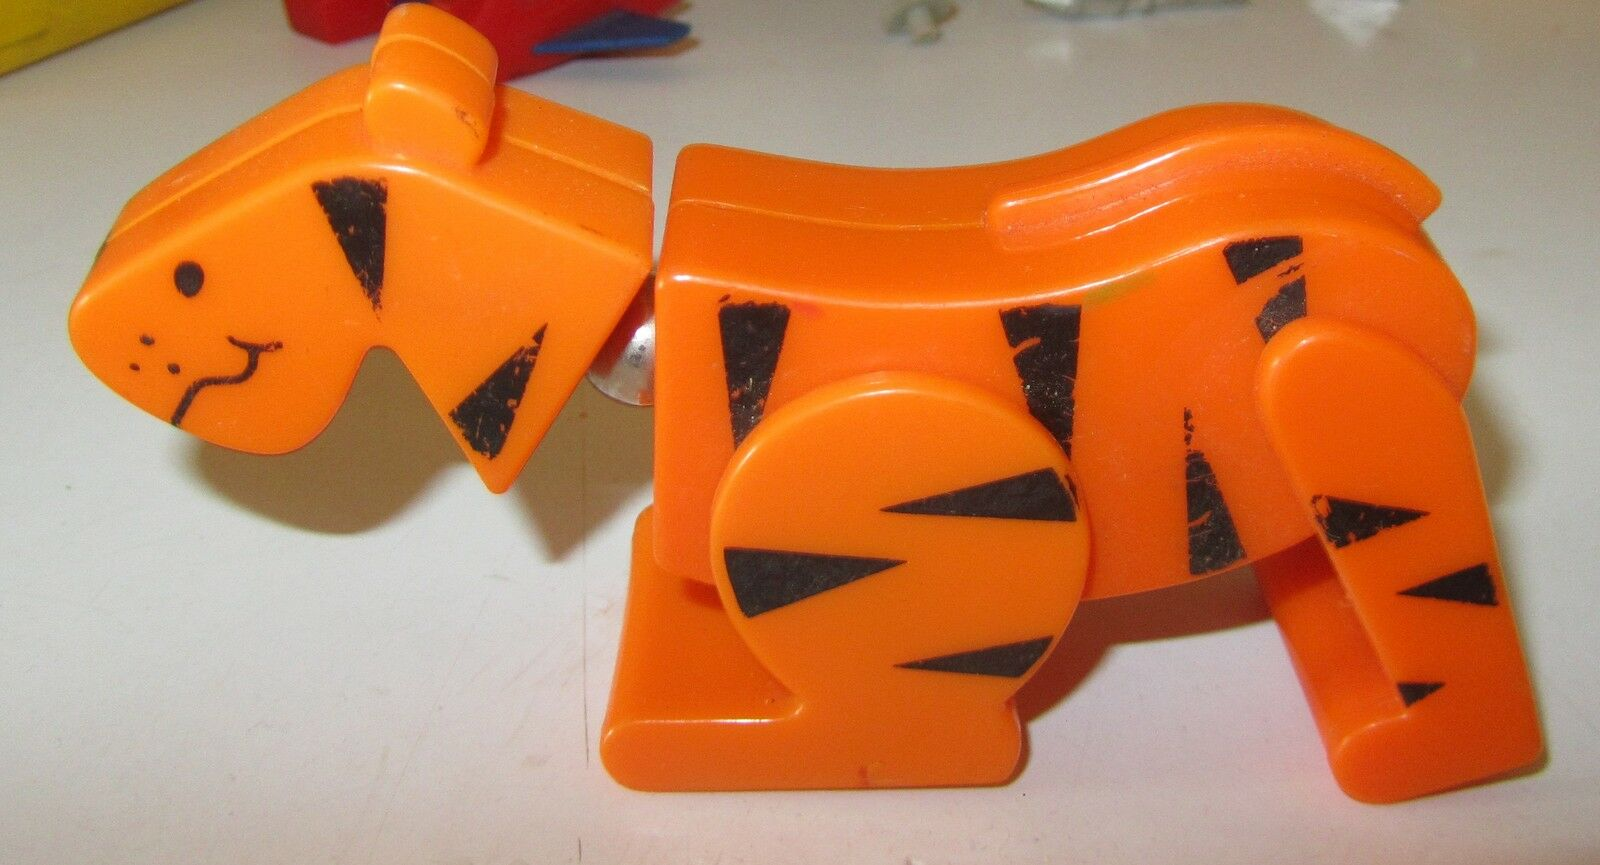 Clicketto Clicketto Clicketto Clicchetto Mego Tigre Magnetico SPESE GRATIS 29c5ce